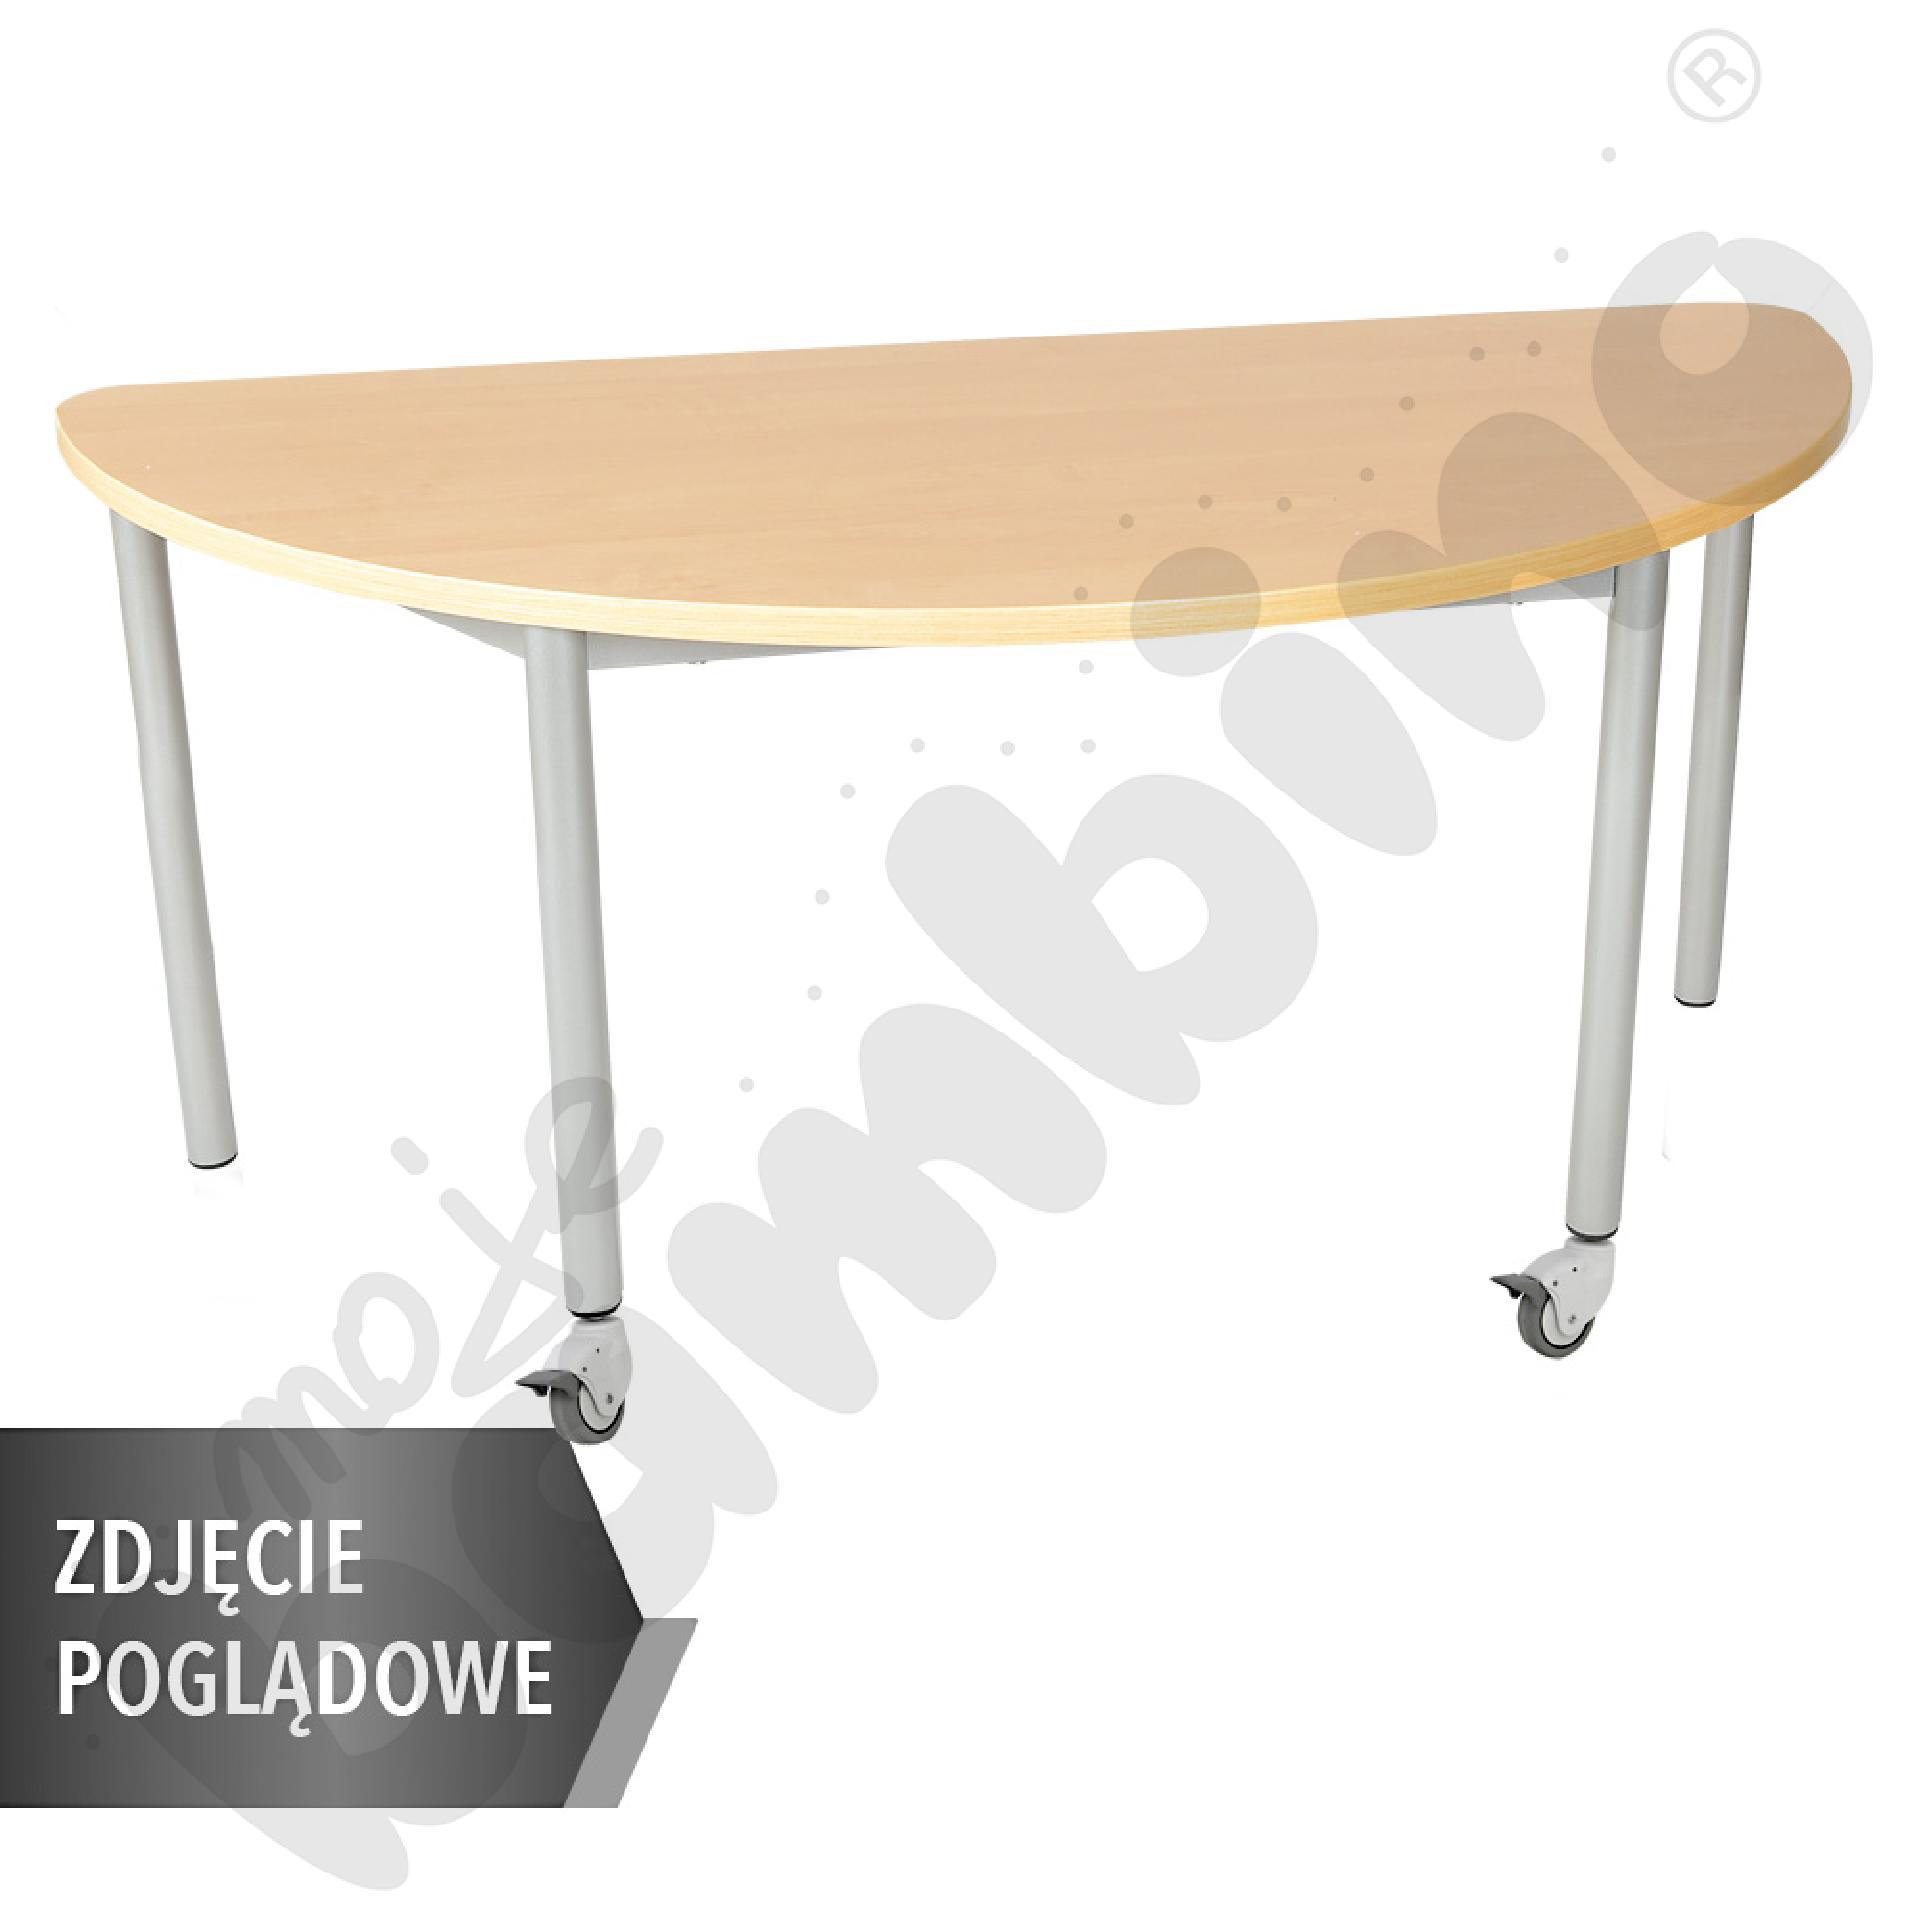 Stół Mila półokrągły, 160 x 80 cm, rozm. 1 - buk